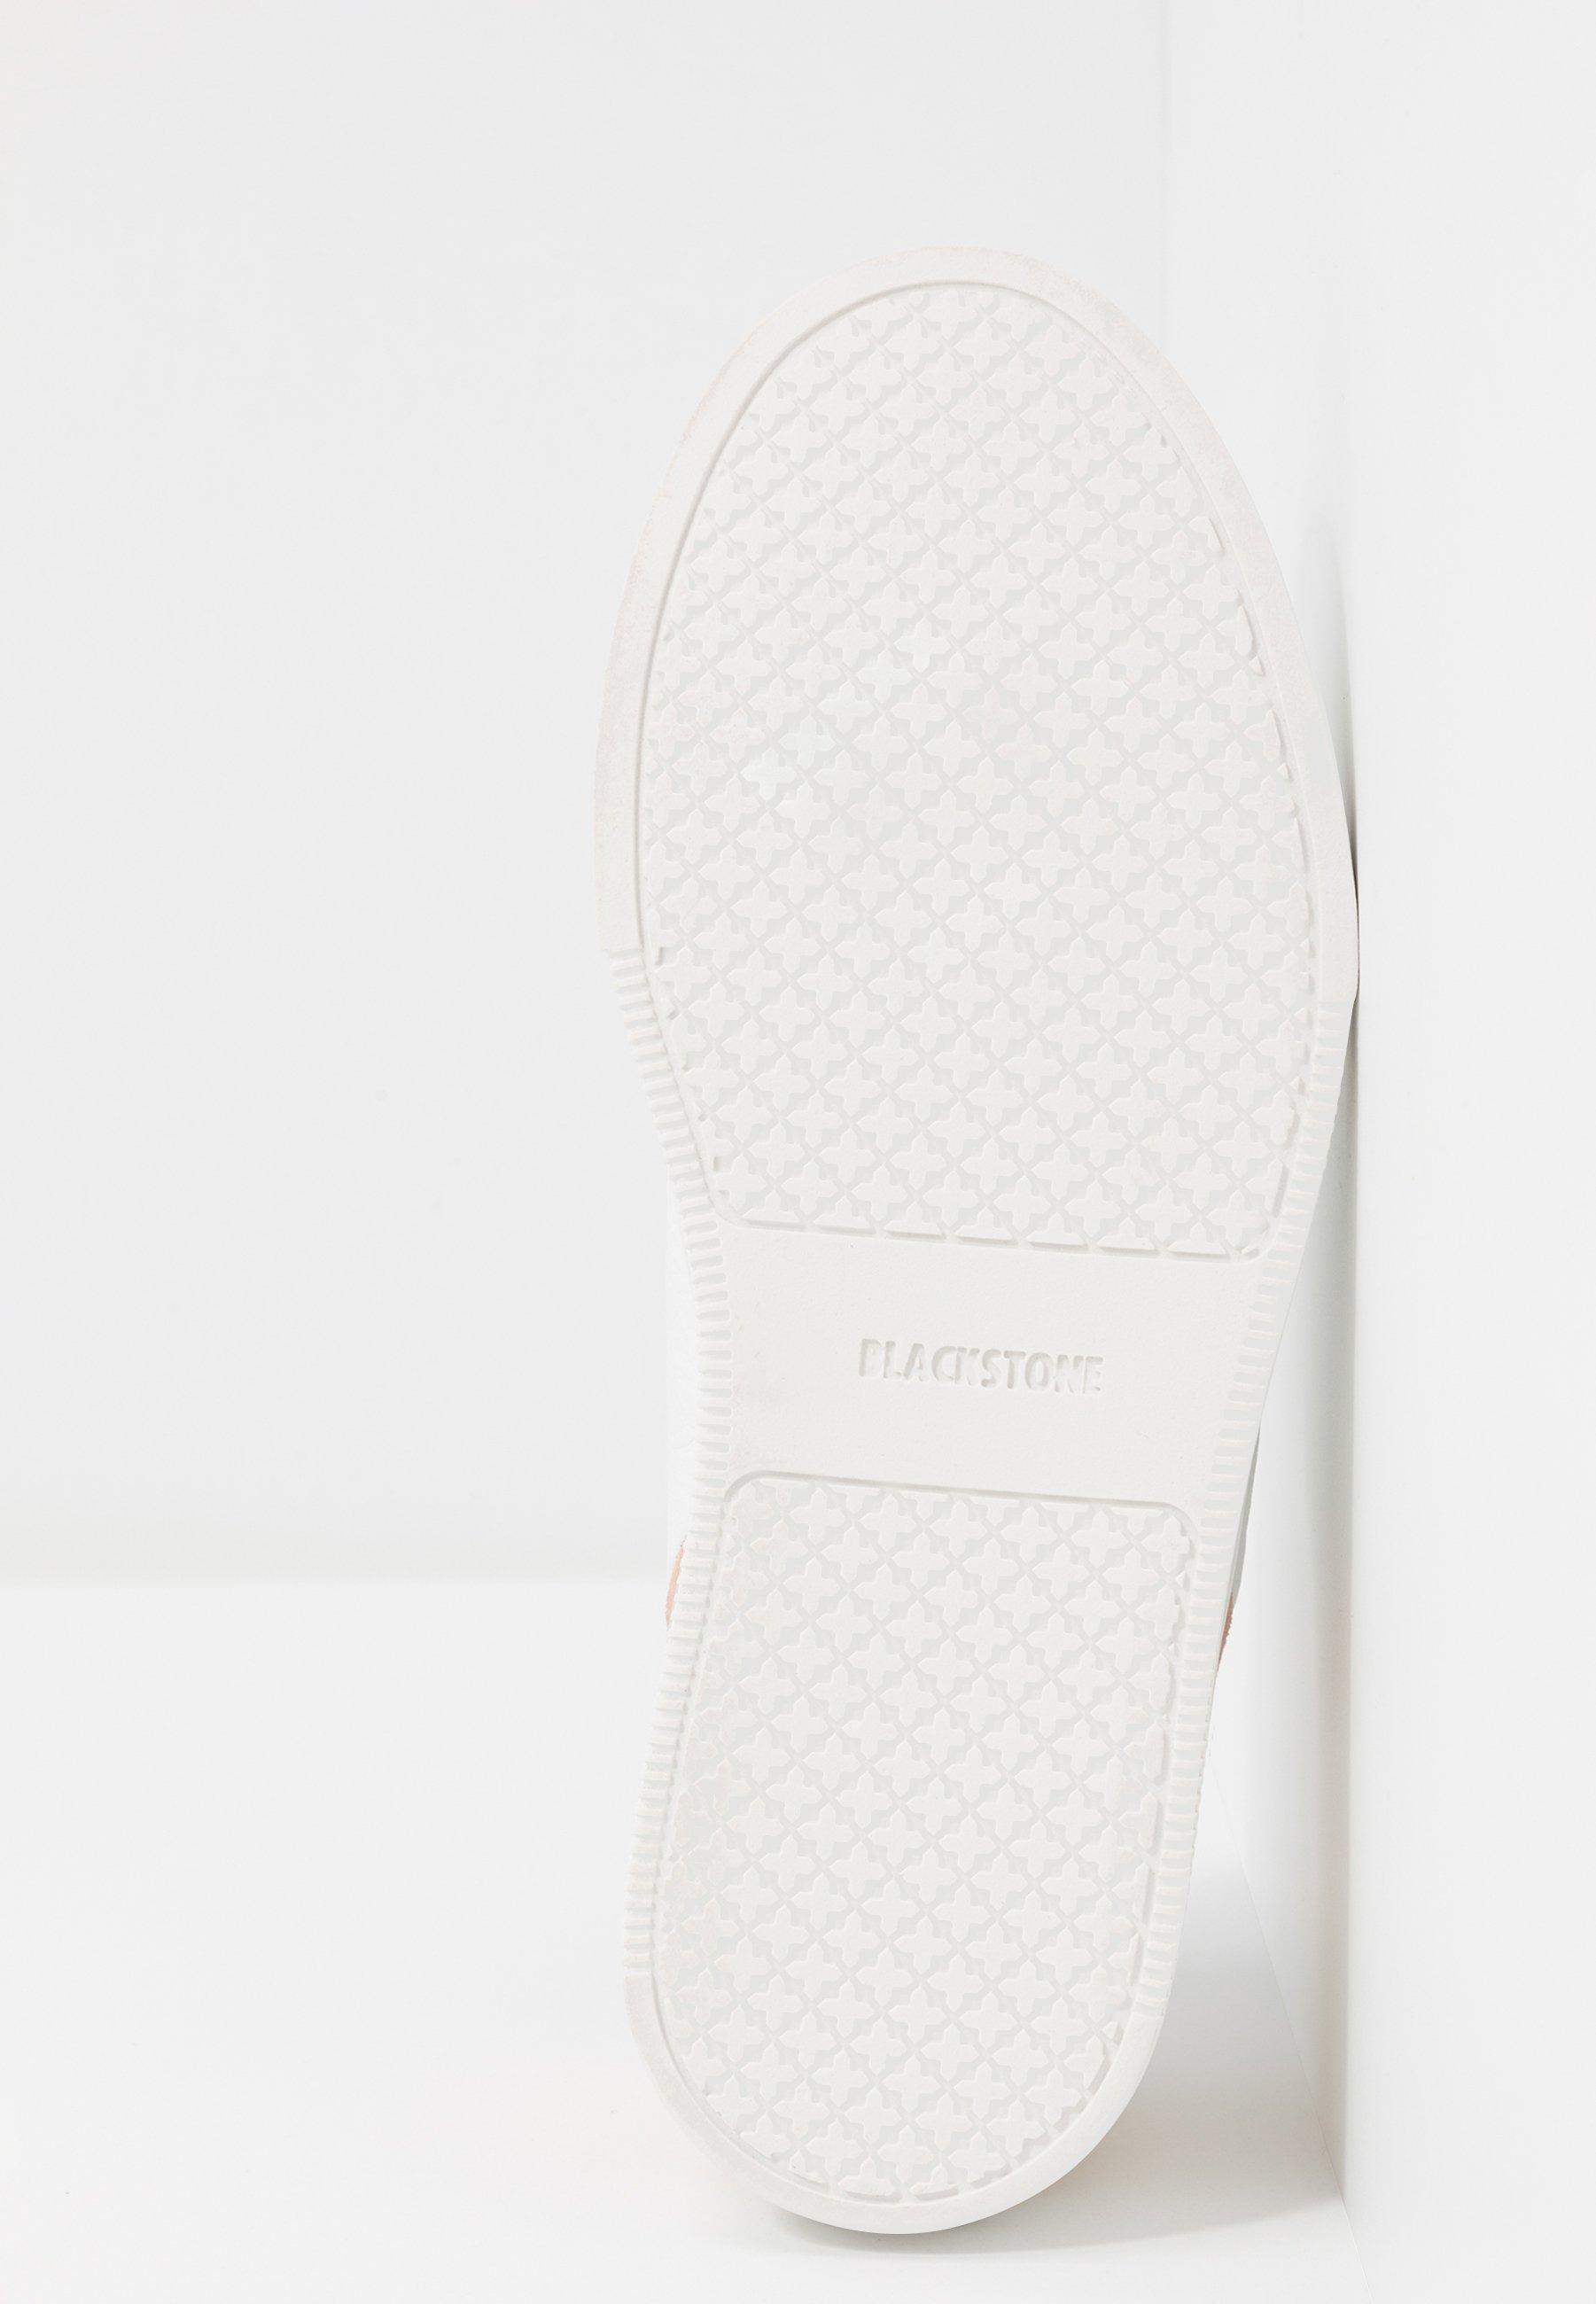 Gran venta Blackstone Zapatillas - white/wheat/rose | Calzado de mujer2020 wq4sU